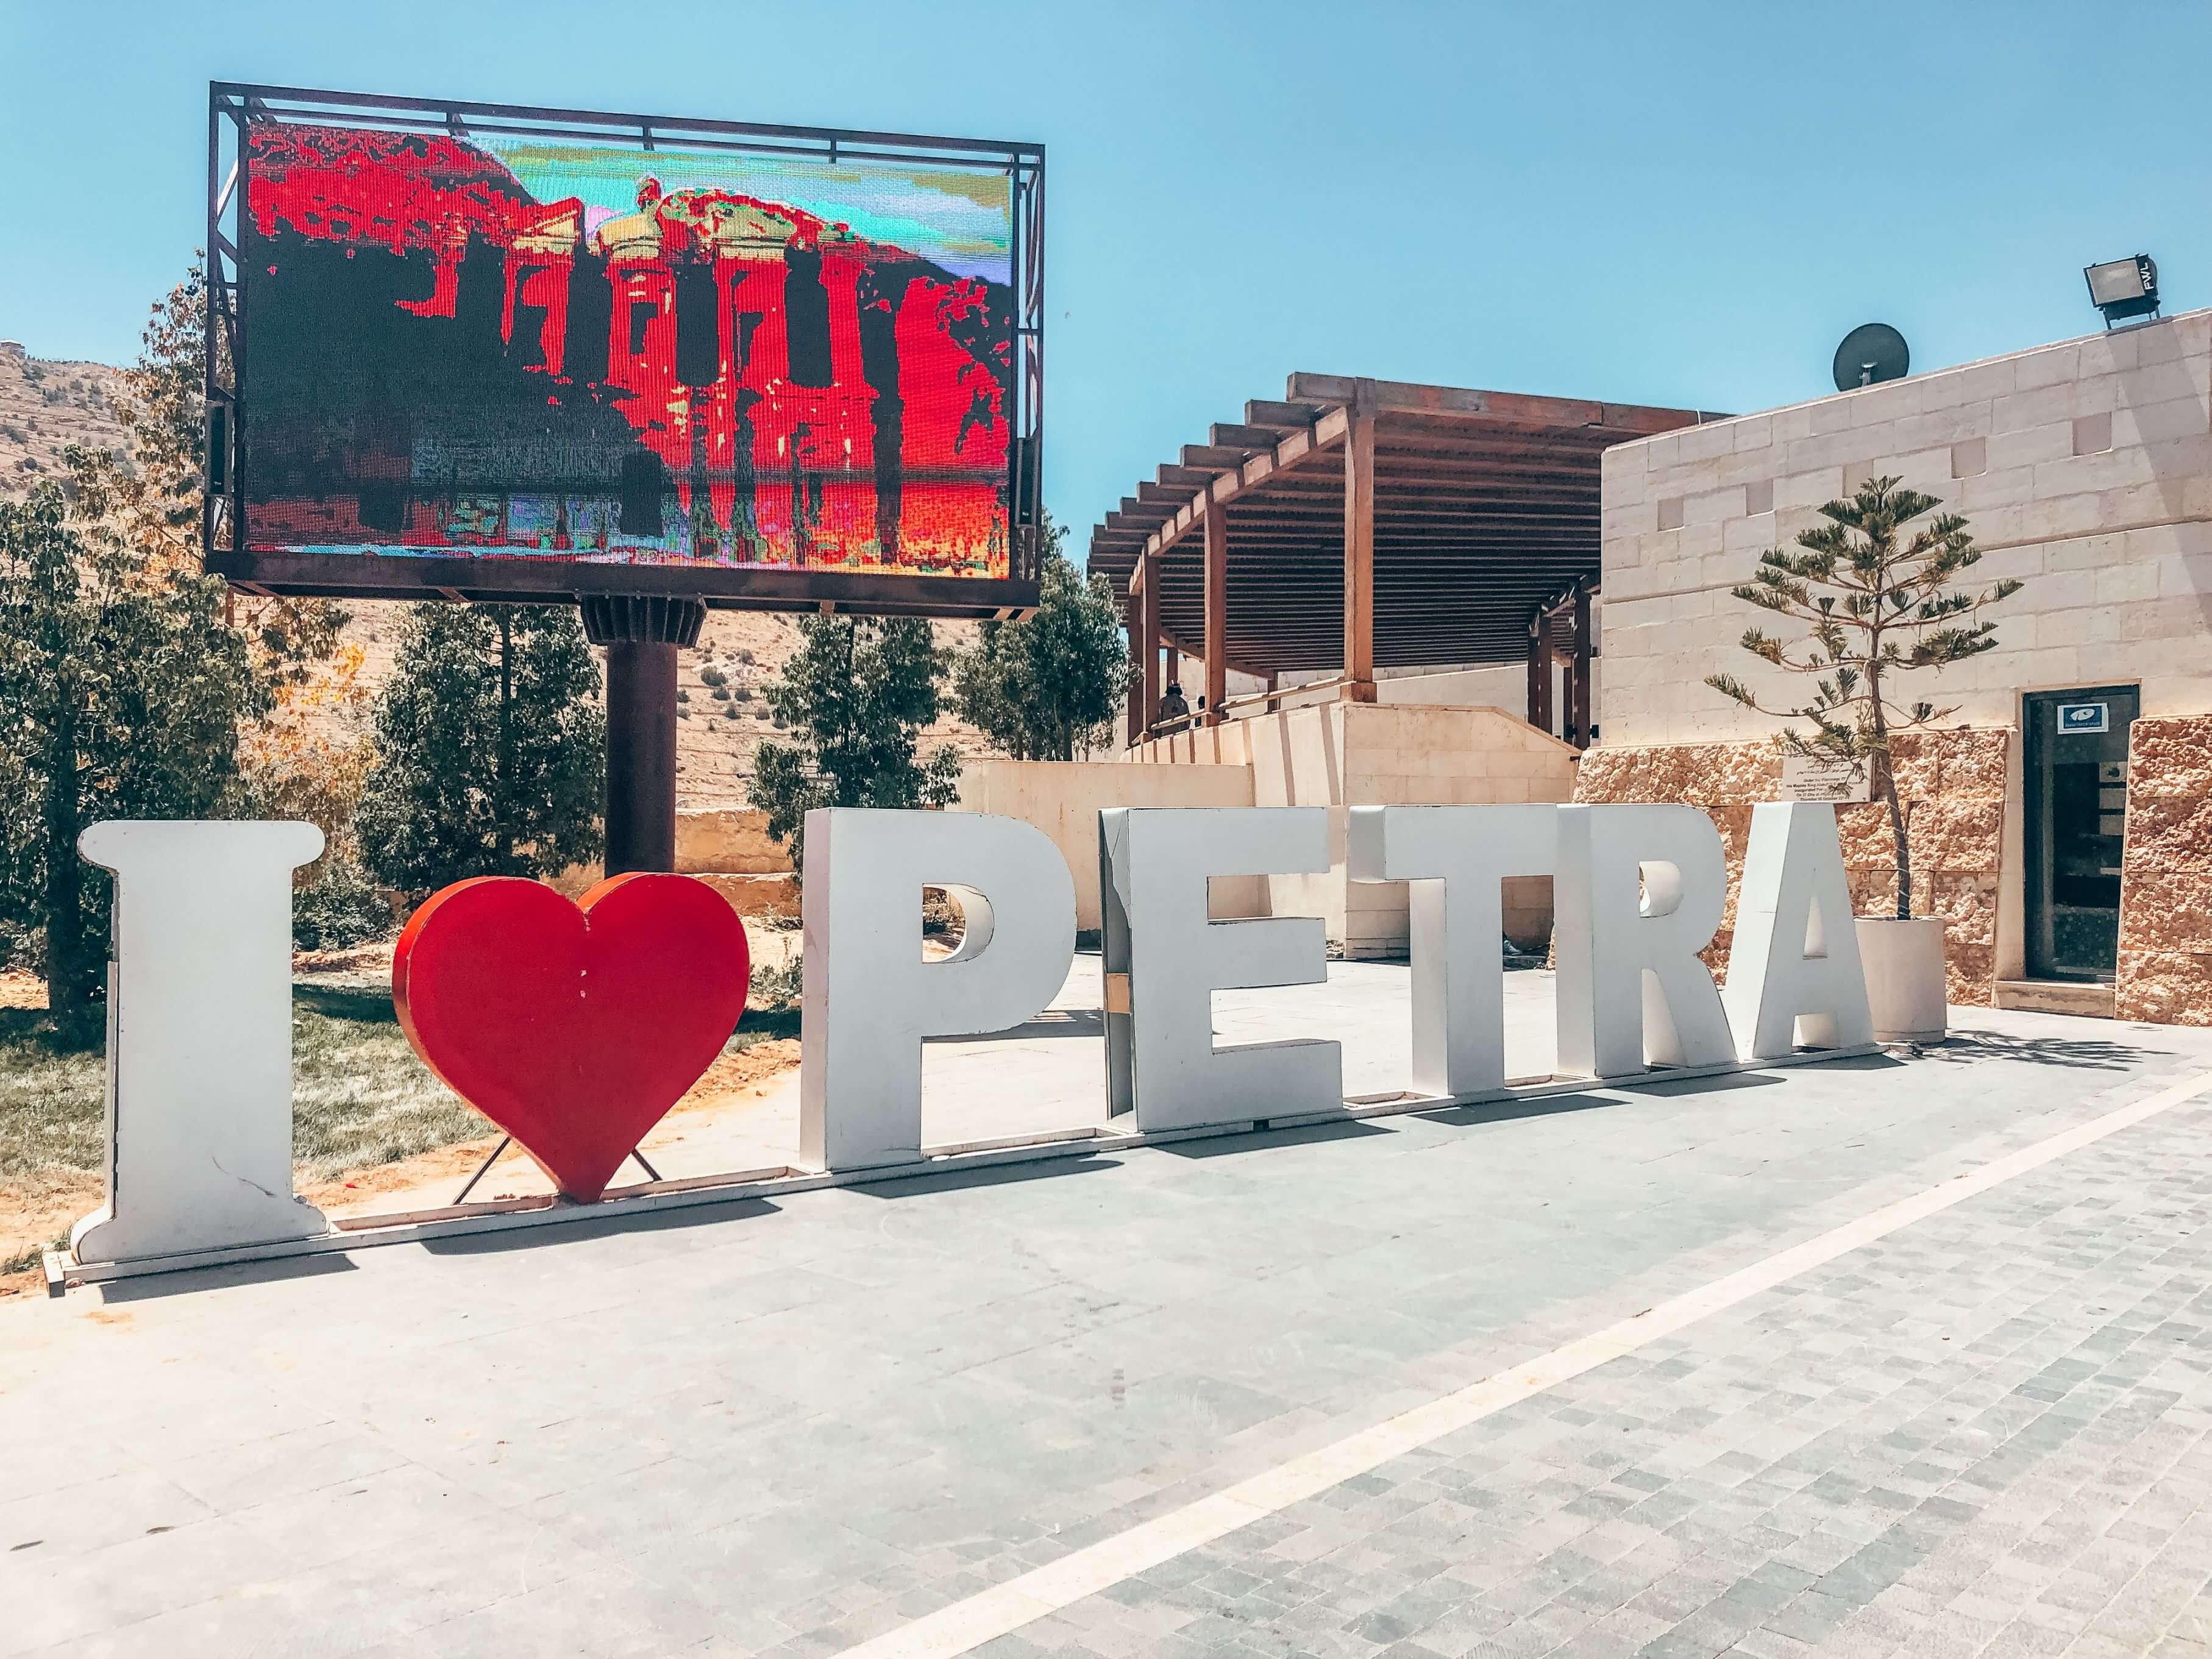 Keď plánujete výlet do Petry, dorazte do Jordánska o deň skôr. Vstupné do Petry bude lacnejšie a vyhnete sa davom turistov. Ubytujte sa čo najbližšie k návštevníckemu centru.